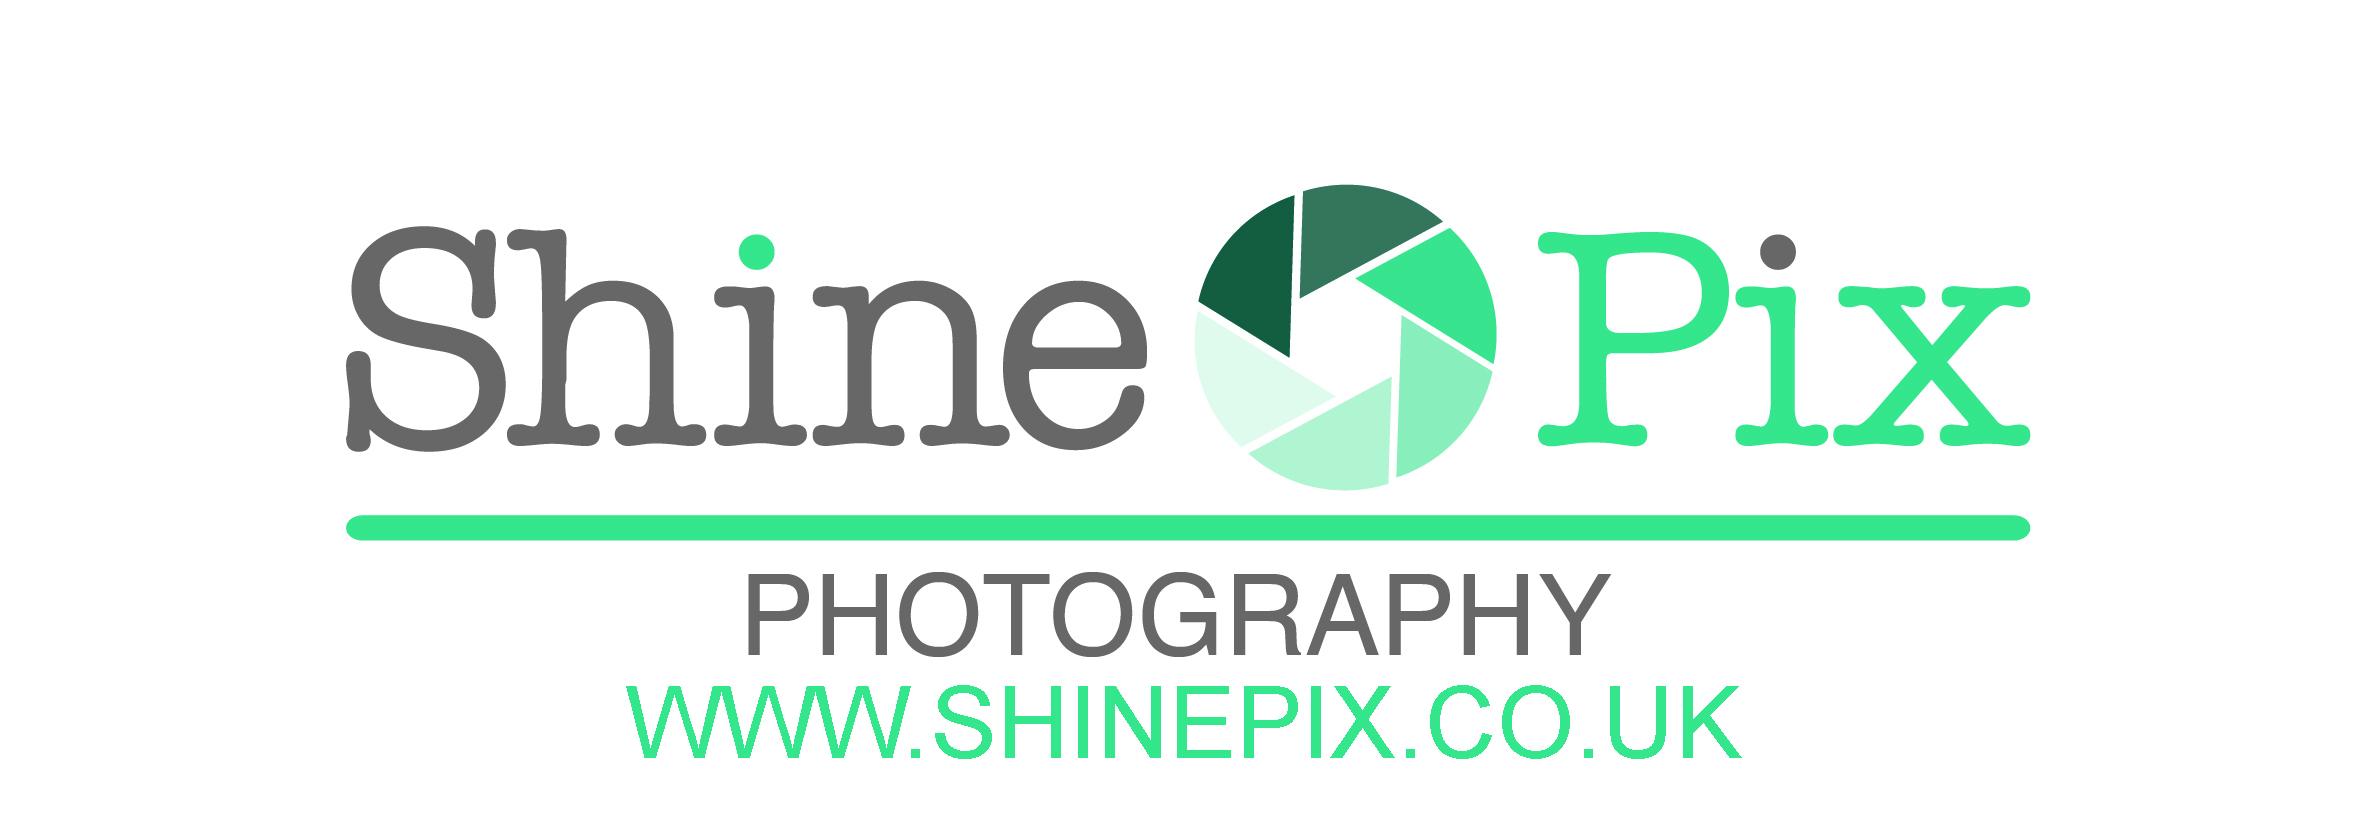 Shine Pix